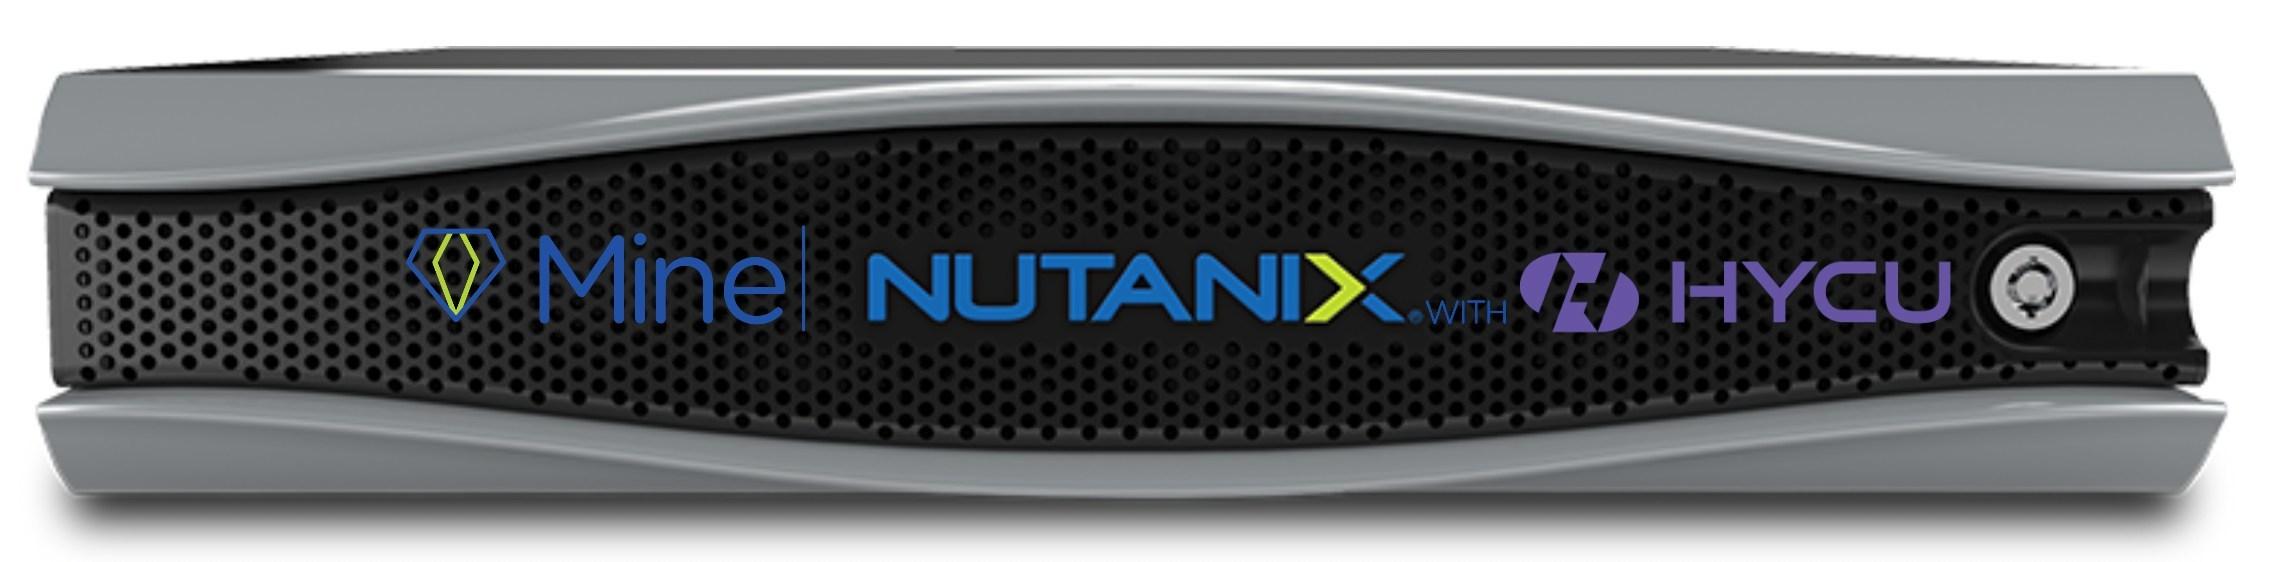 Nutanix Mine with HYCU To Simplify Secondary Storage and Make ...